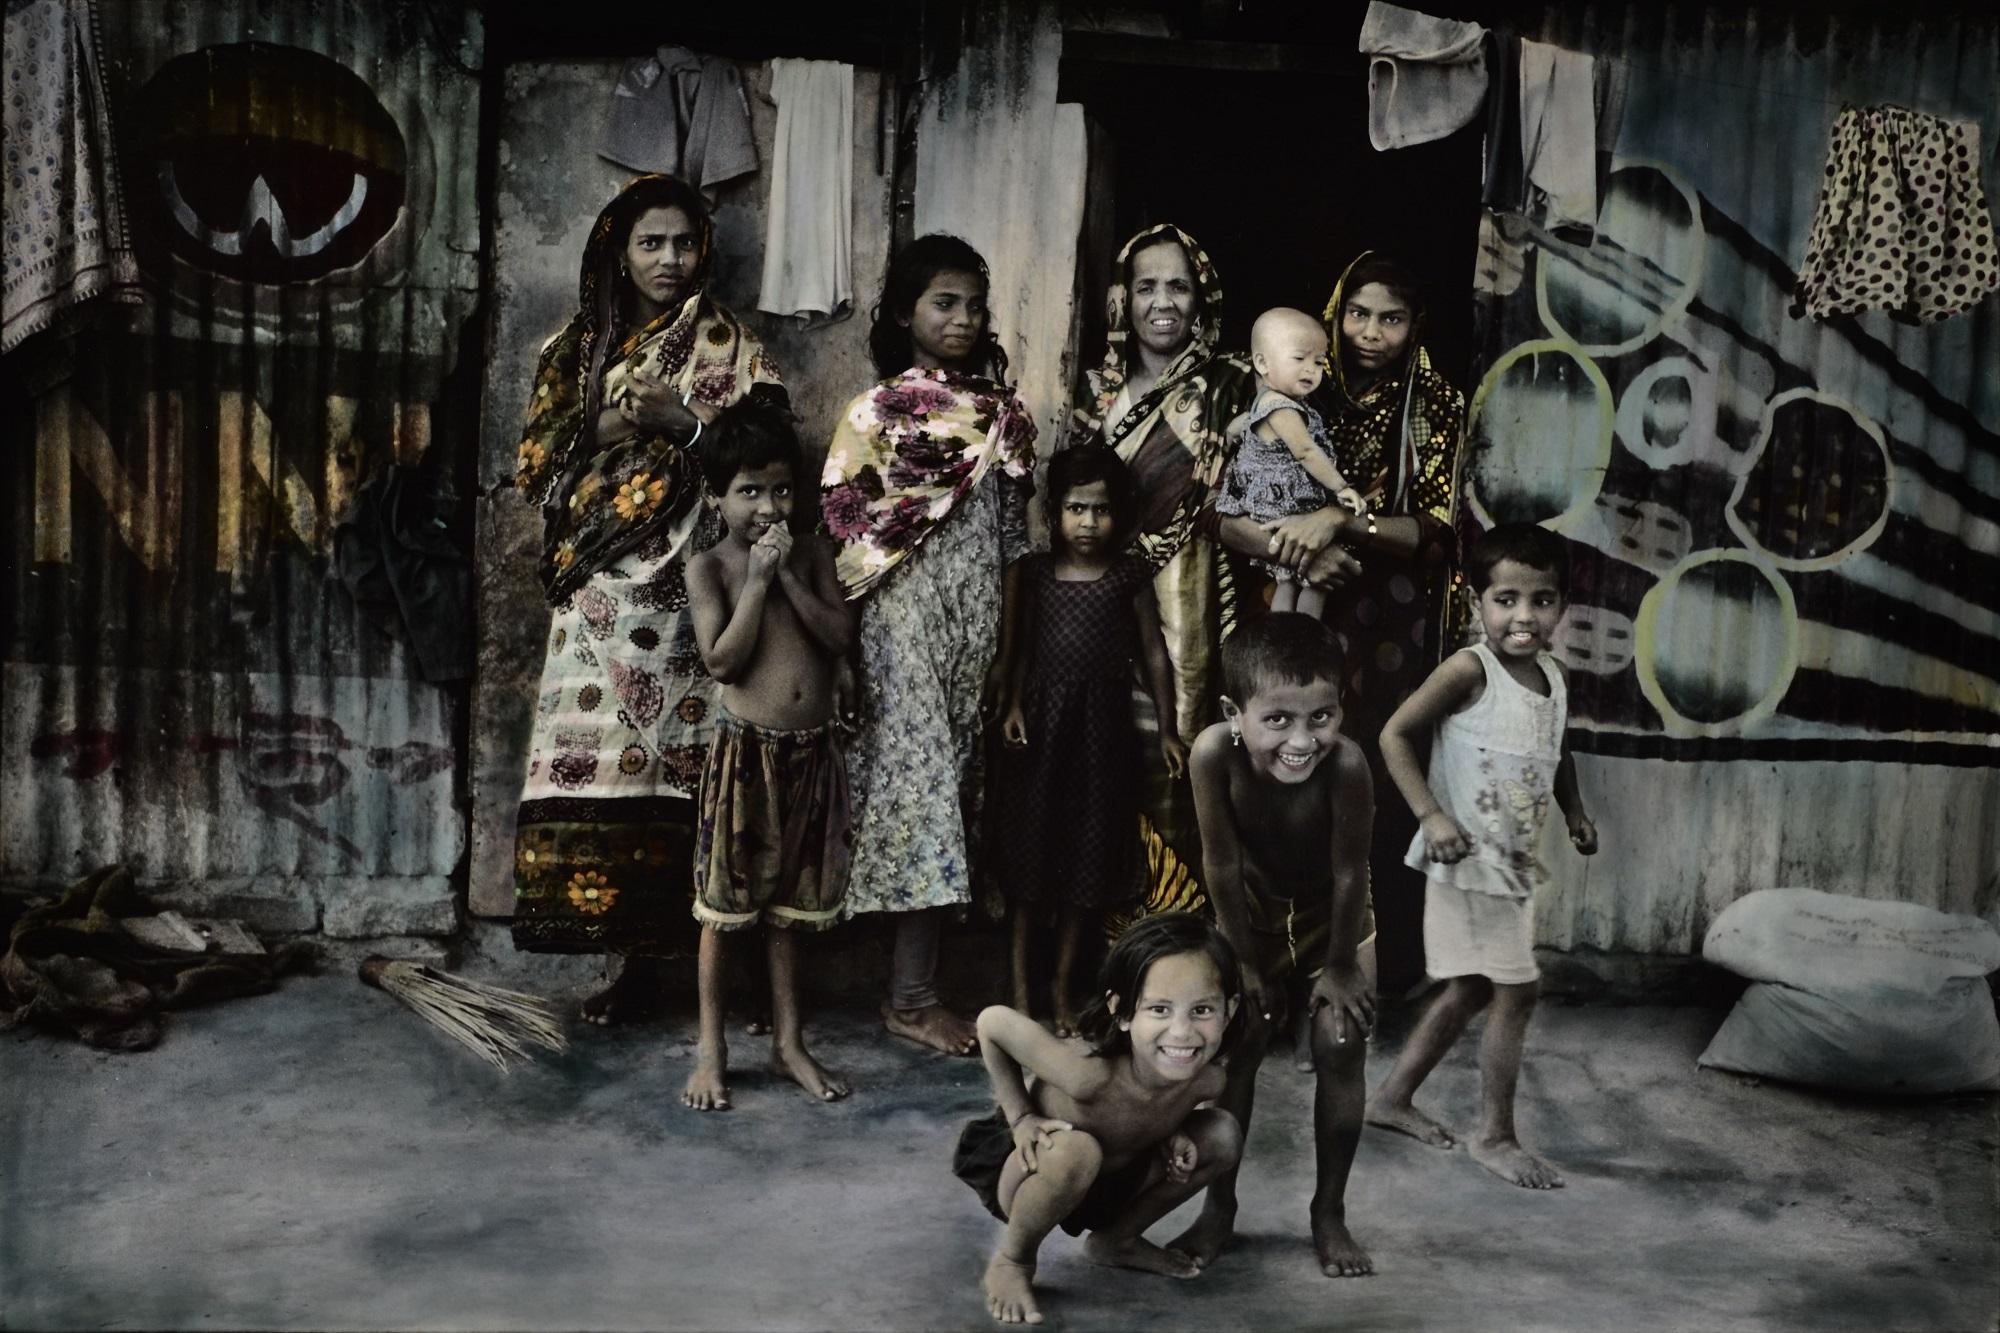 徐浡君摄影艺术作品展:他者即镜像——当技术与艺术相遇……